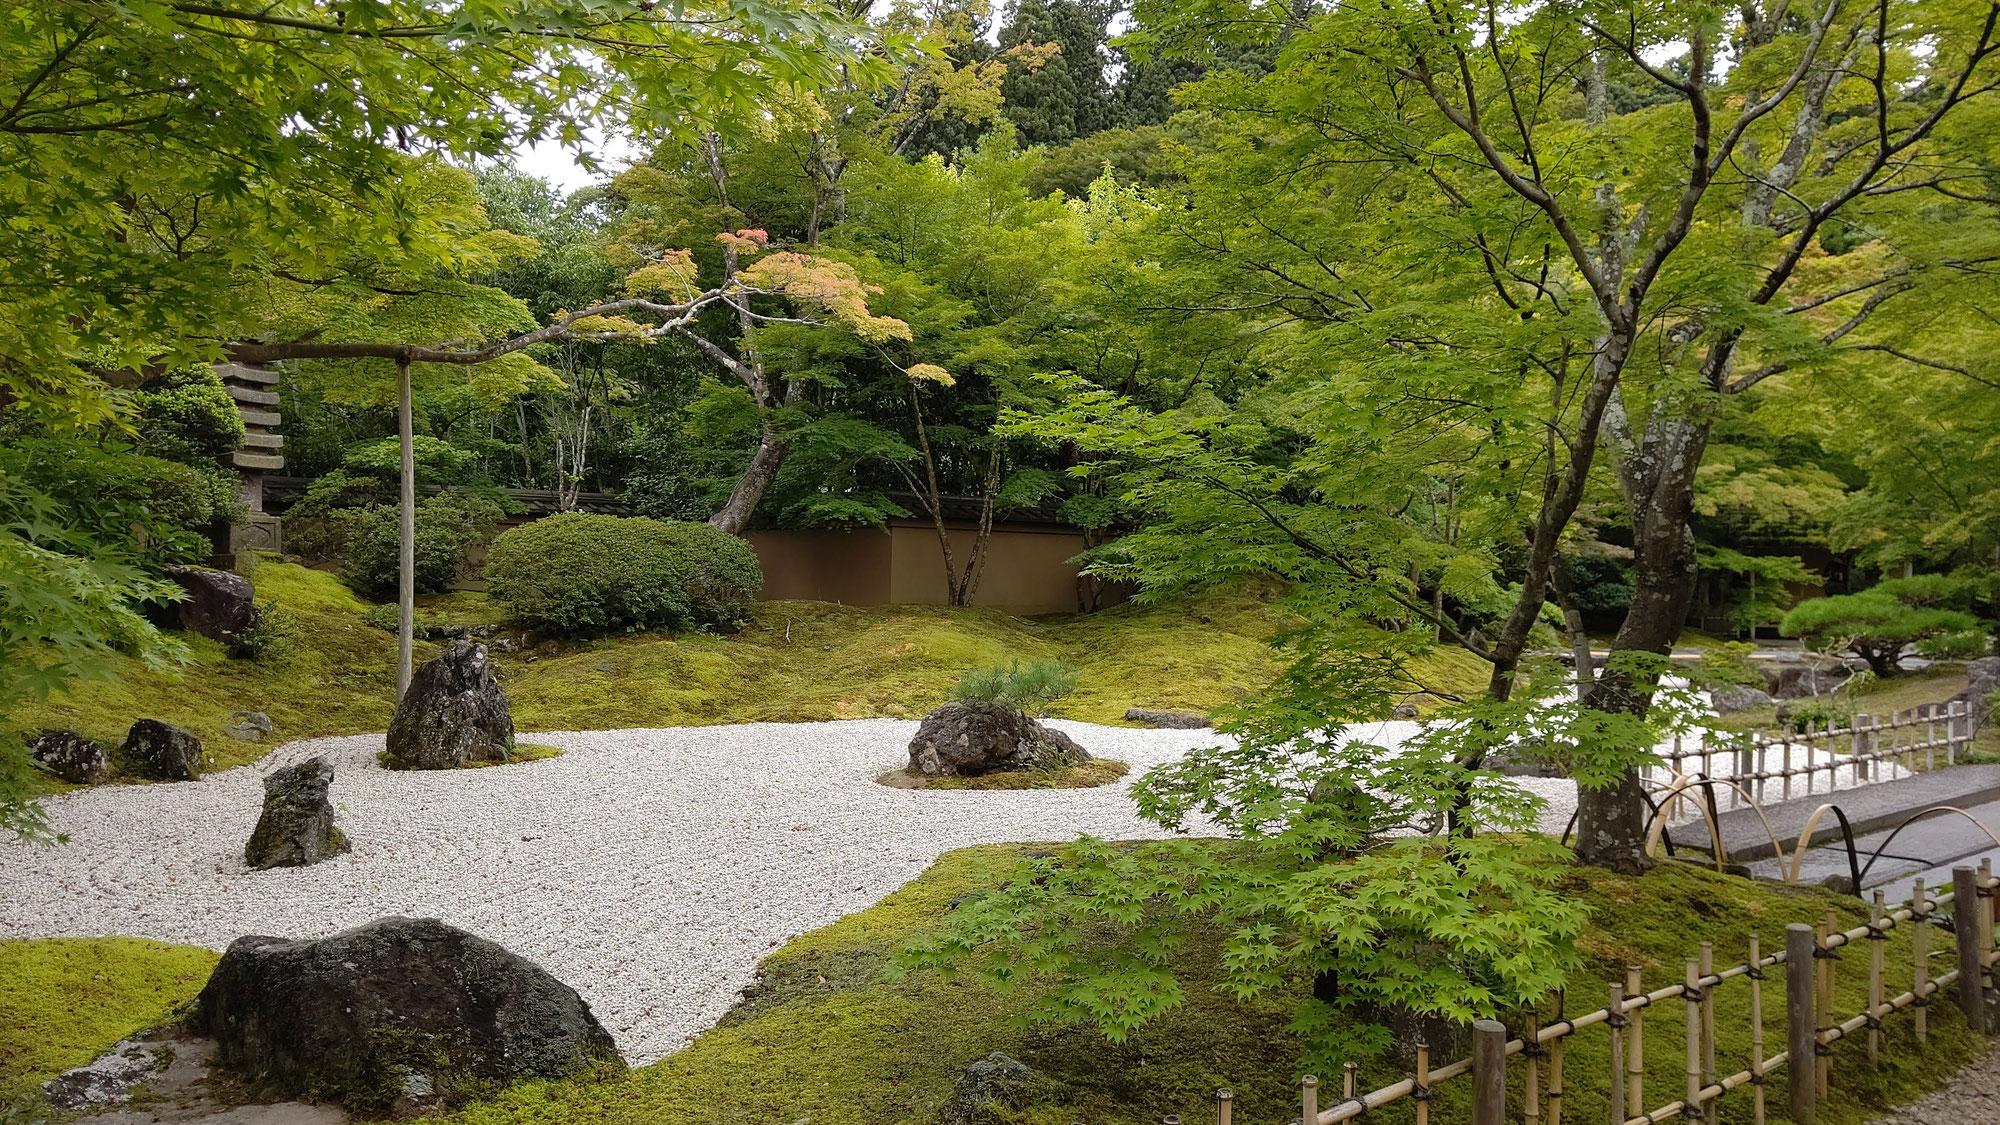 ニューズレター106号「日本三景の松島へ」